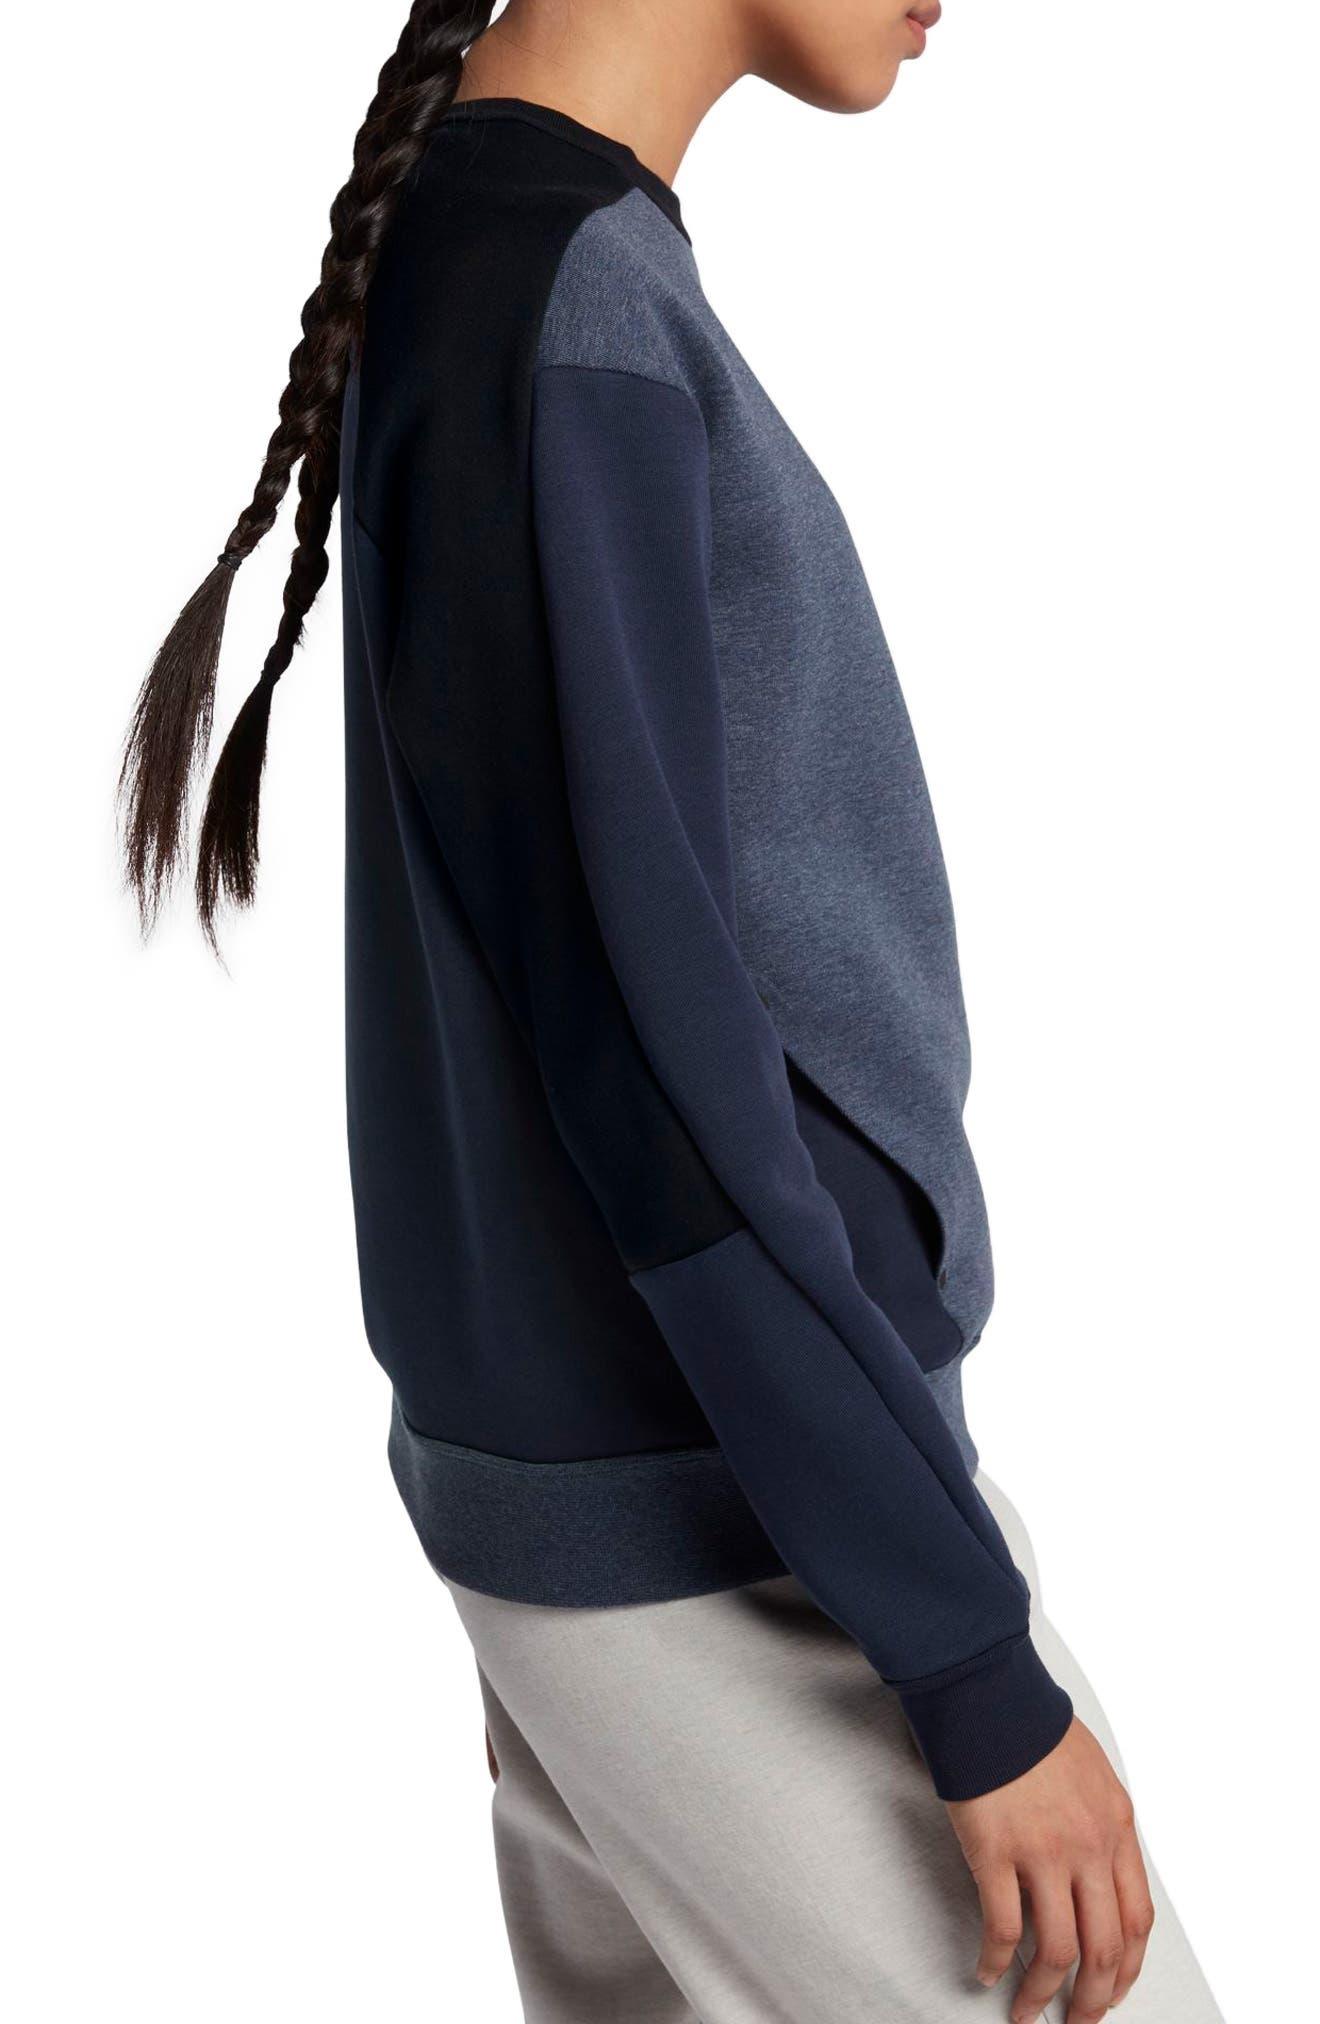 Sportswear Women's Tech Fleece Crew,                             Alternate thumbnail 3, color,                             OBSIDIAN/ BLACK/ BLACK